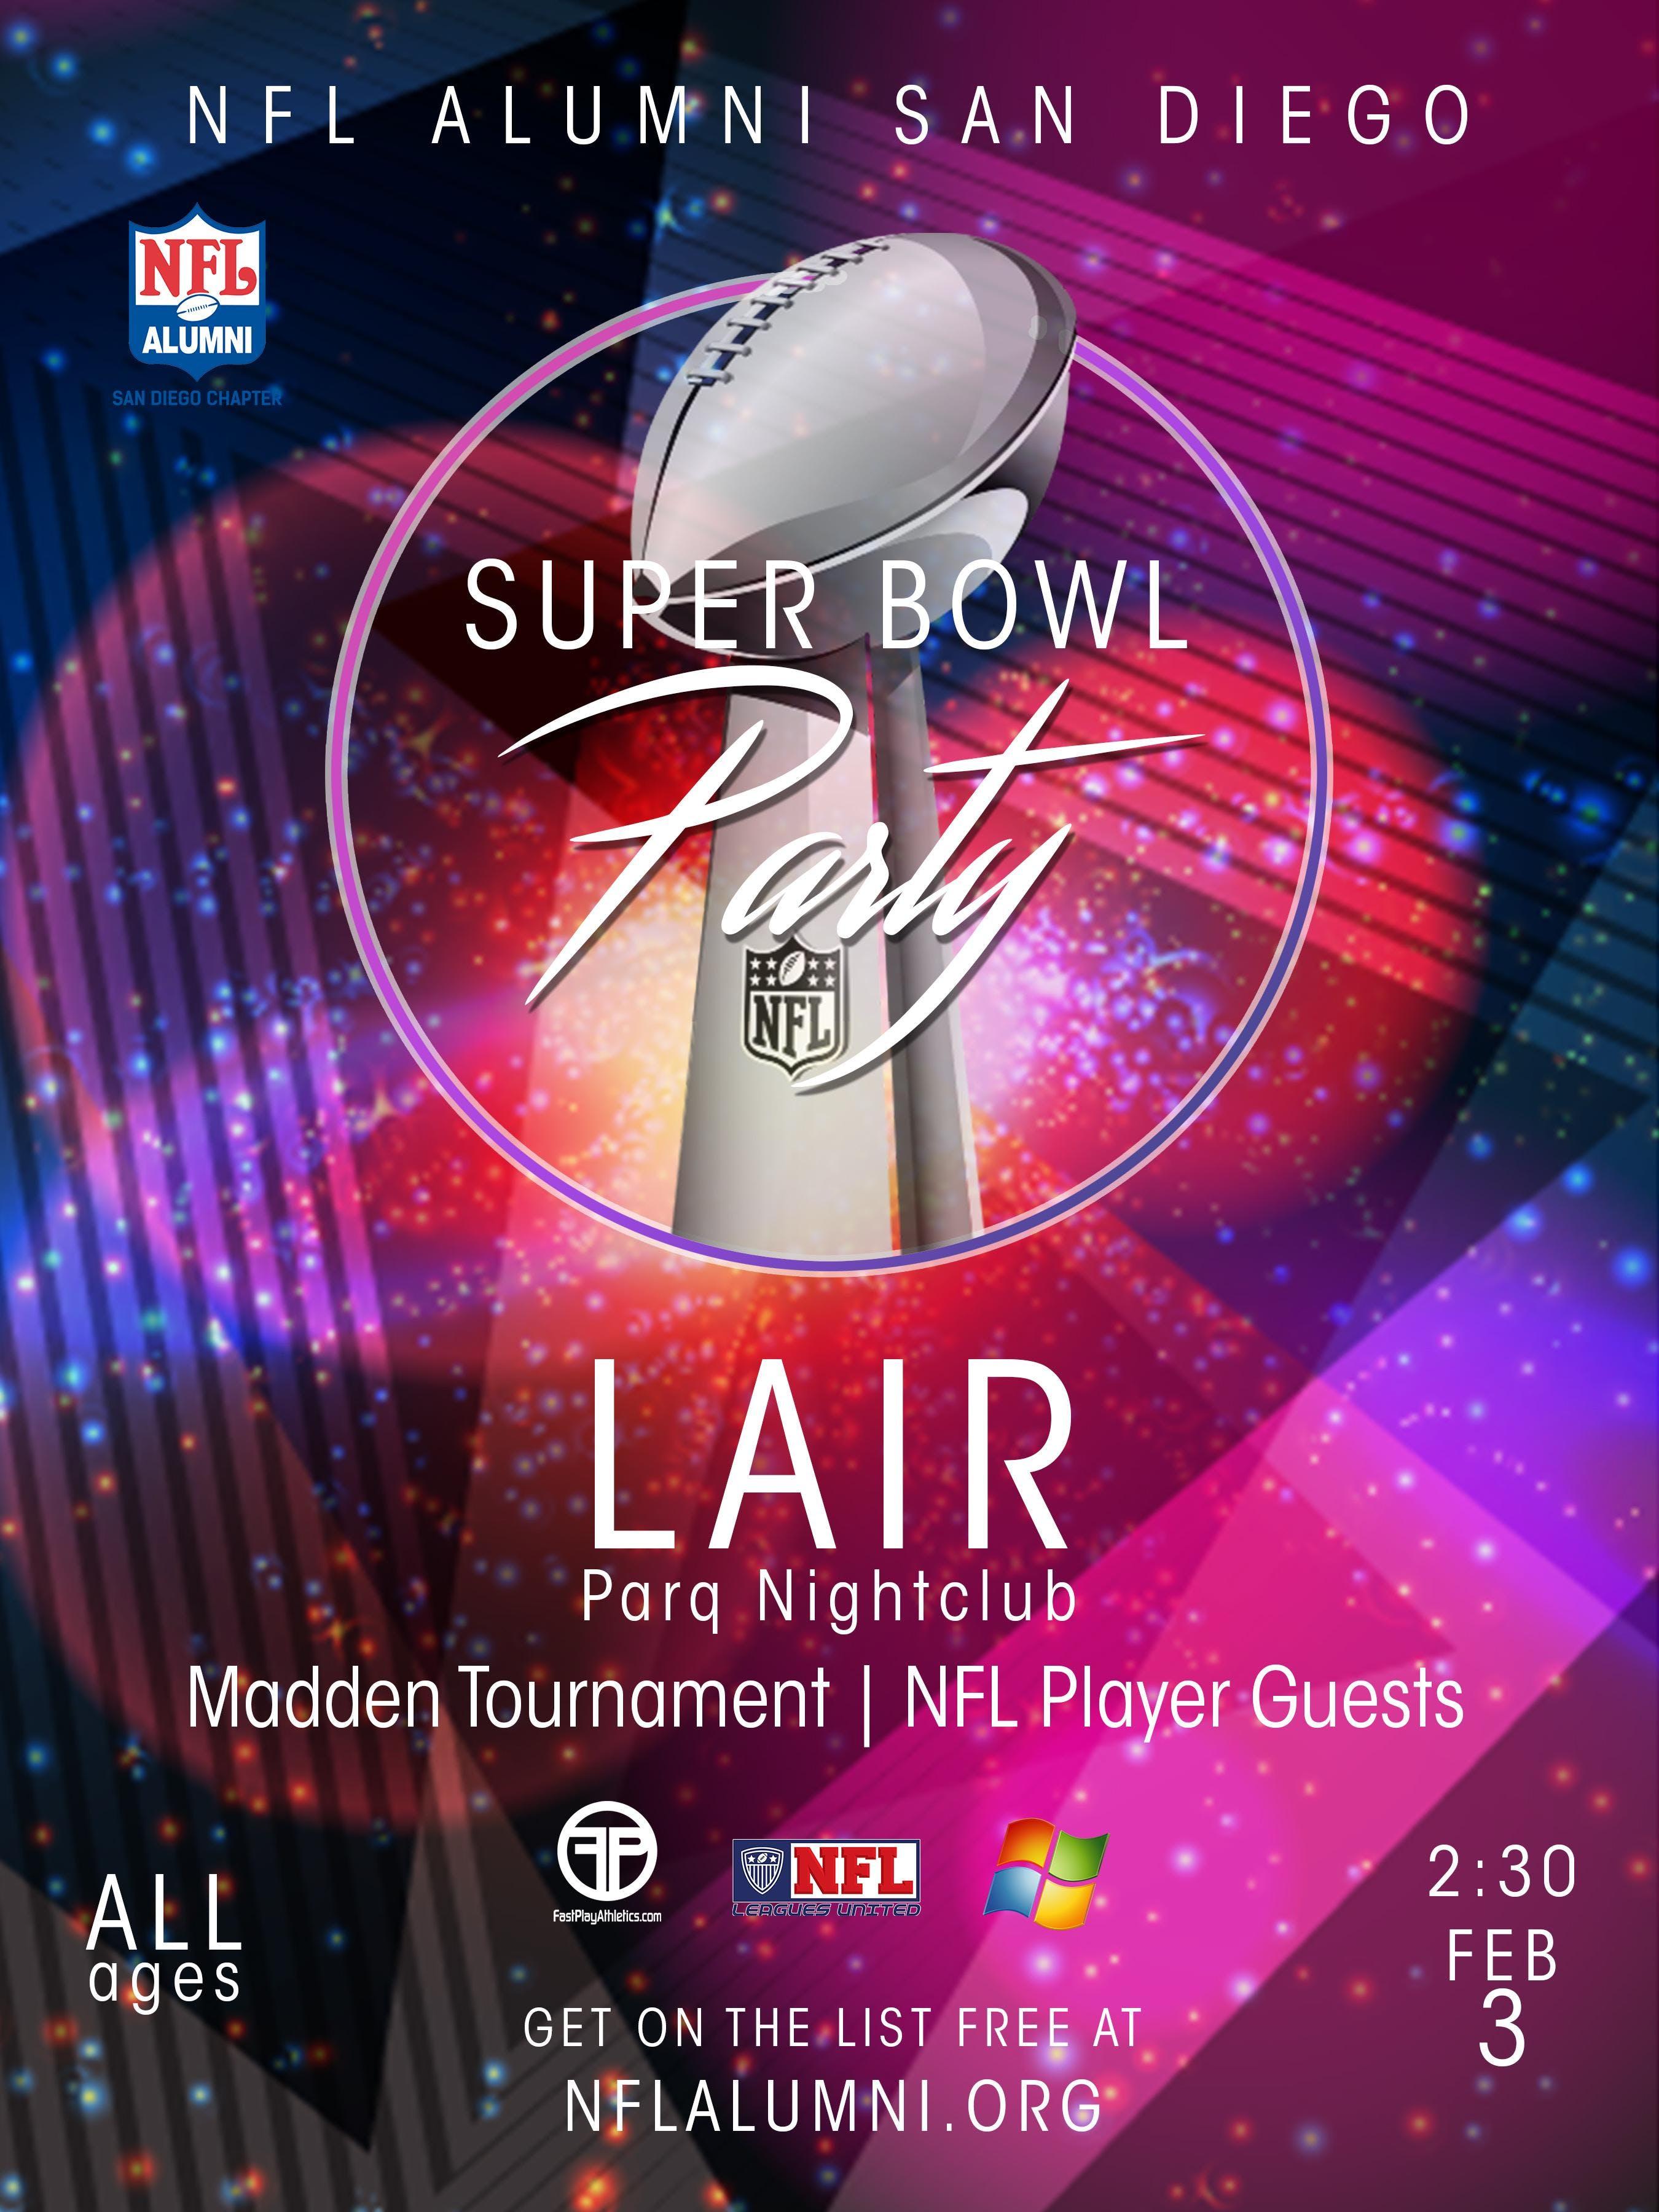 NFL AIumni Super Bowl Party